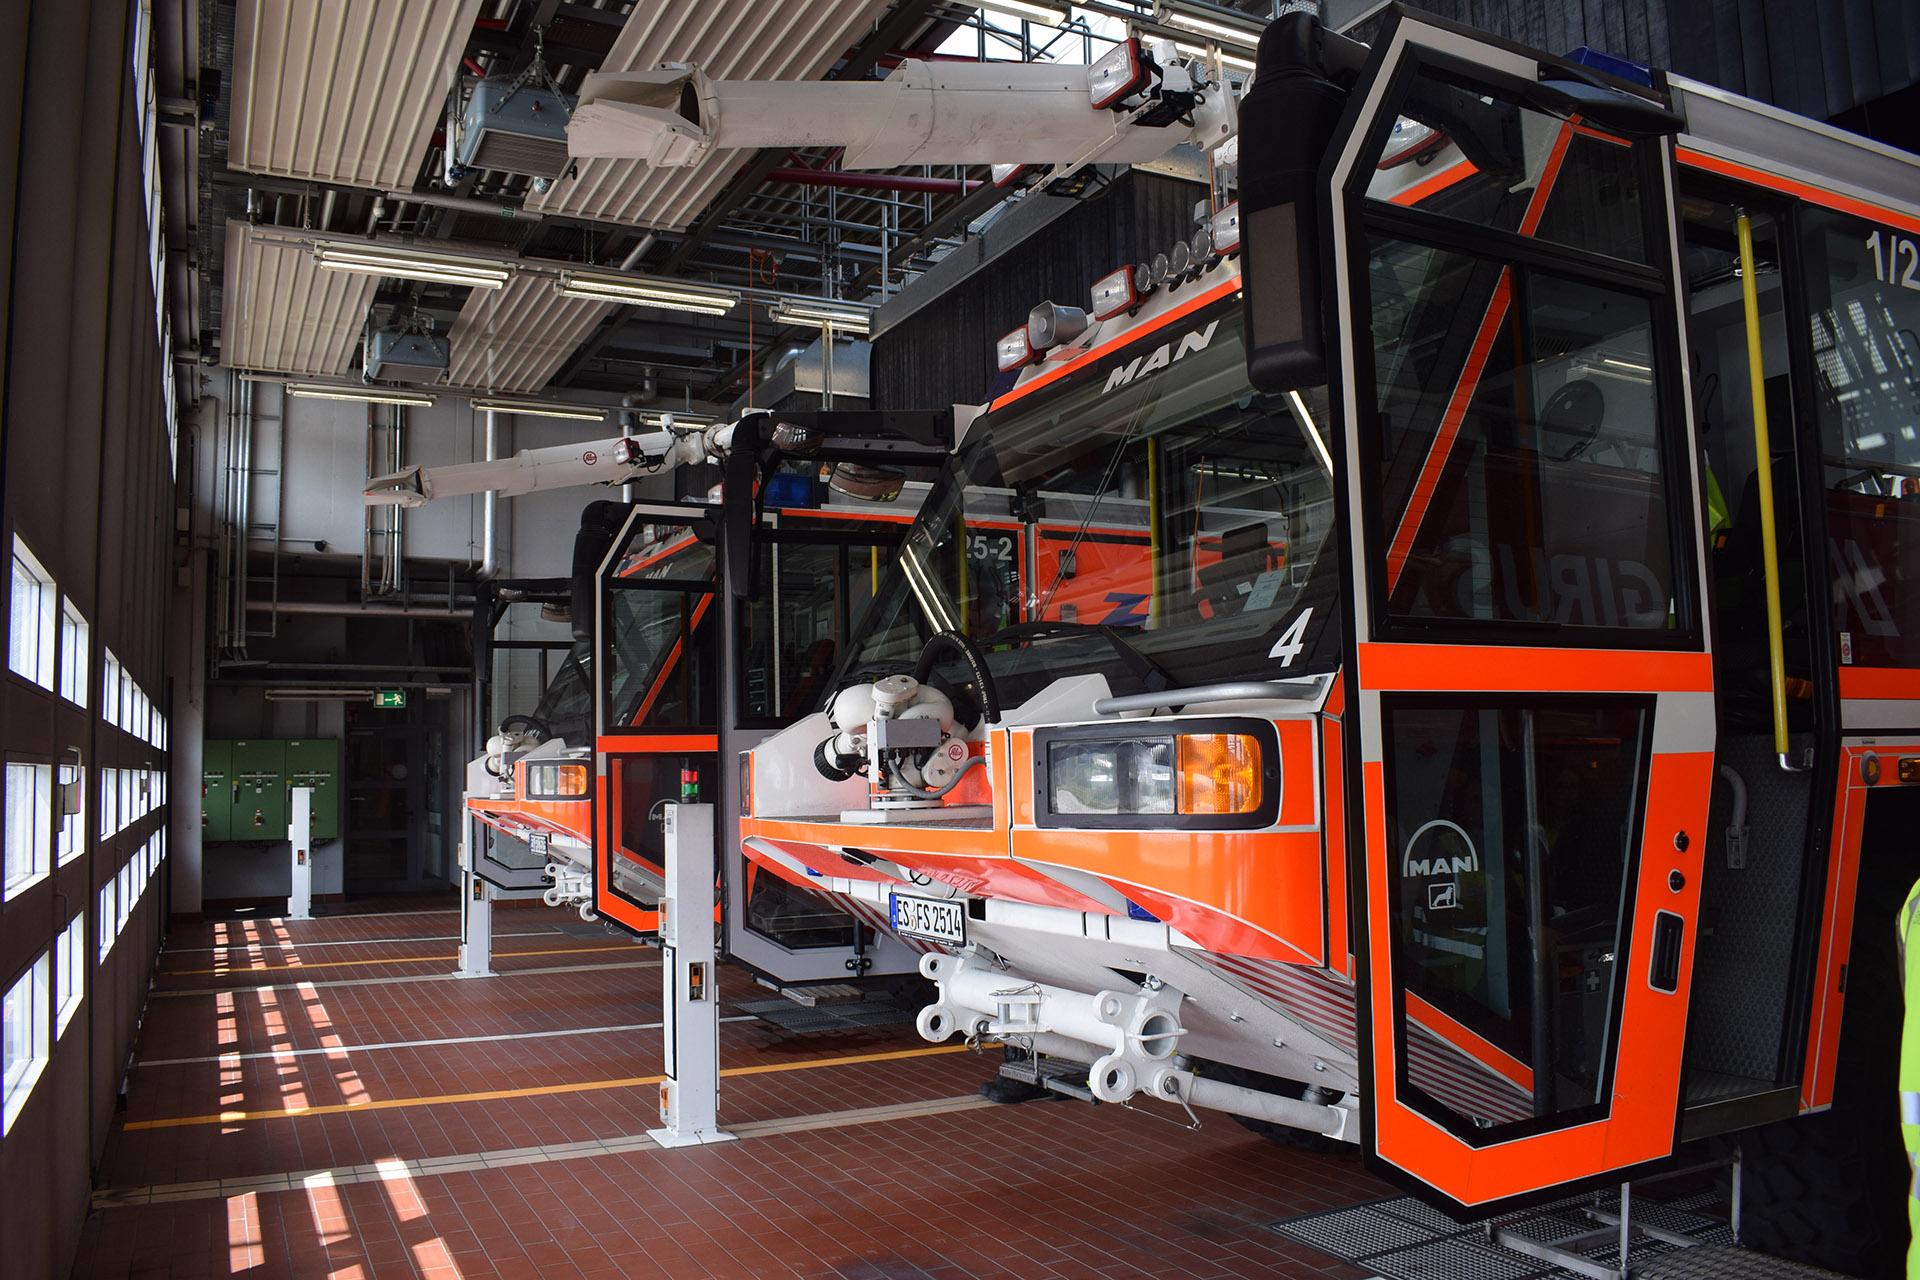 Hochmoderne Feuerwehrfahrzeuge am Flughafen Stuttgart